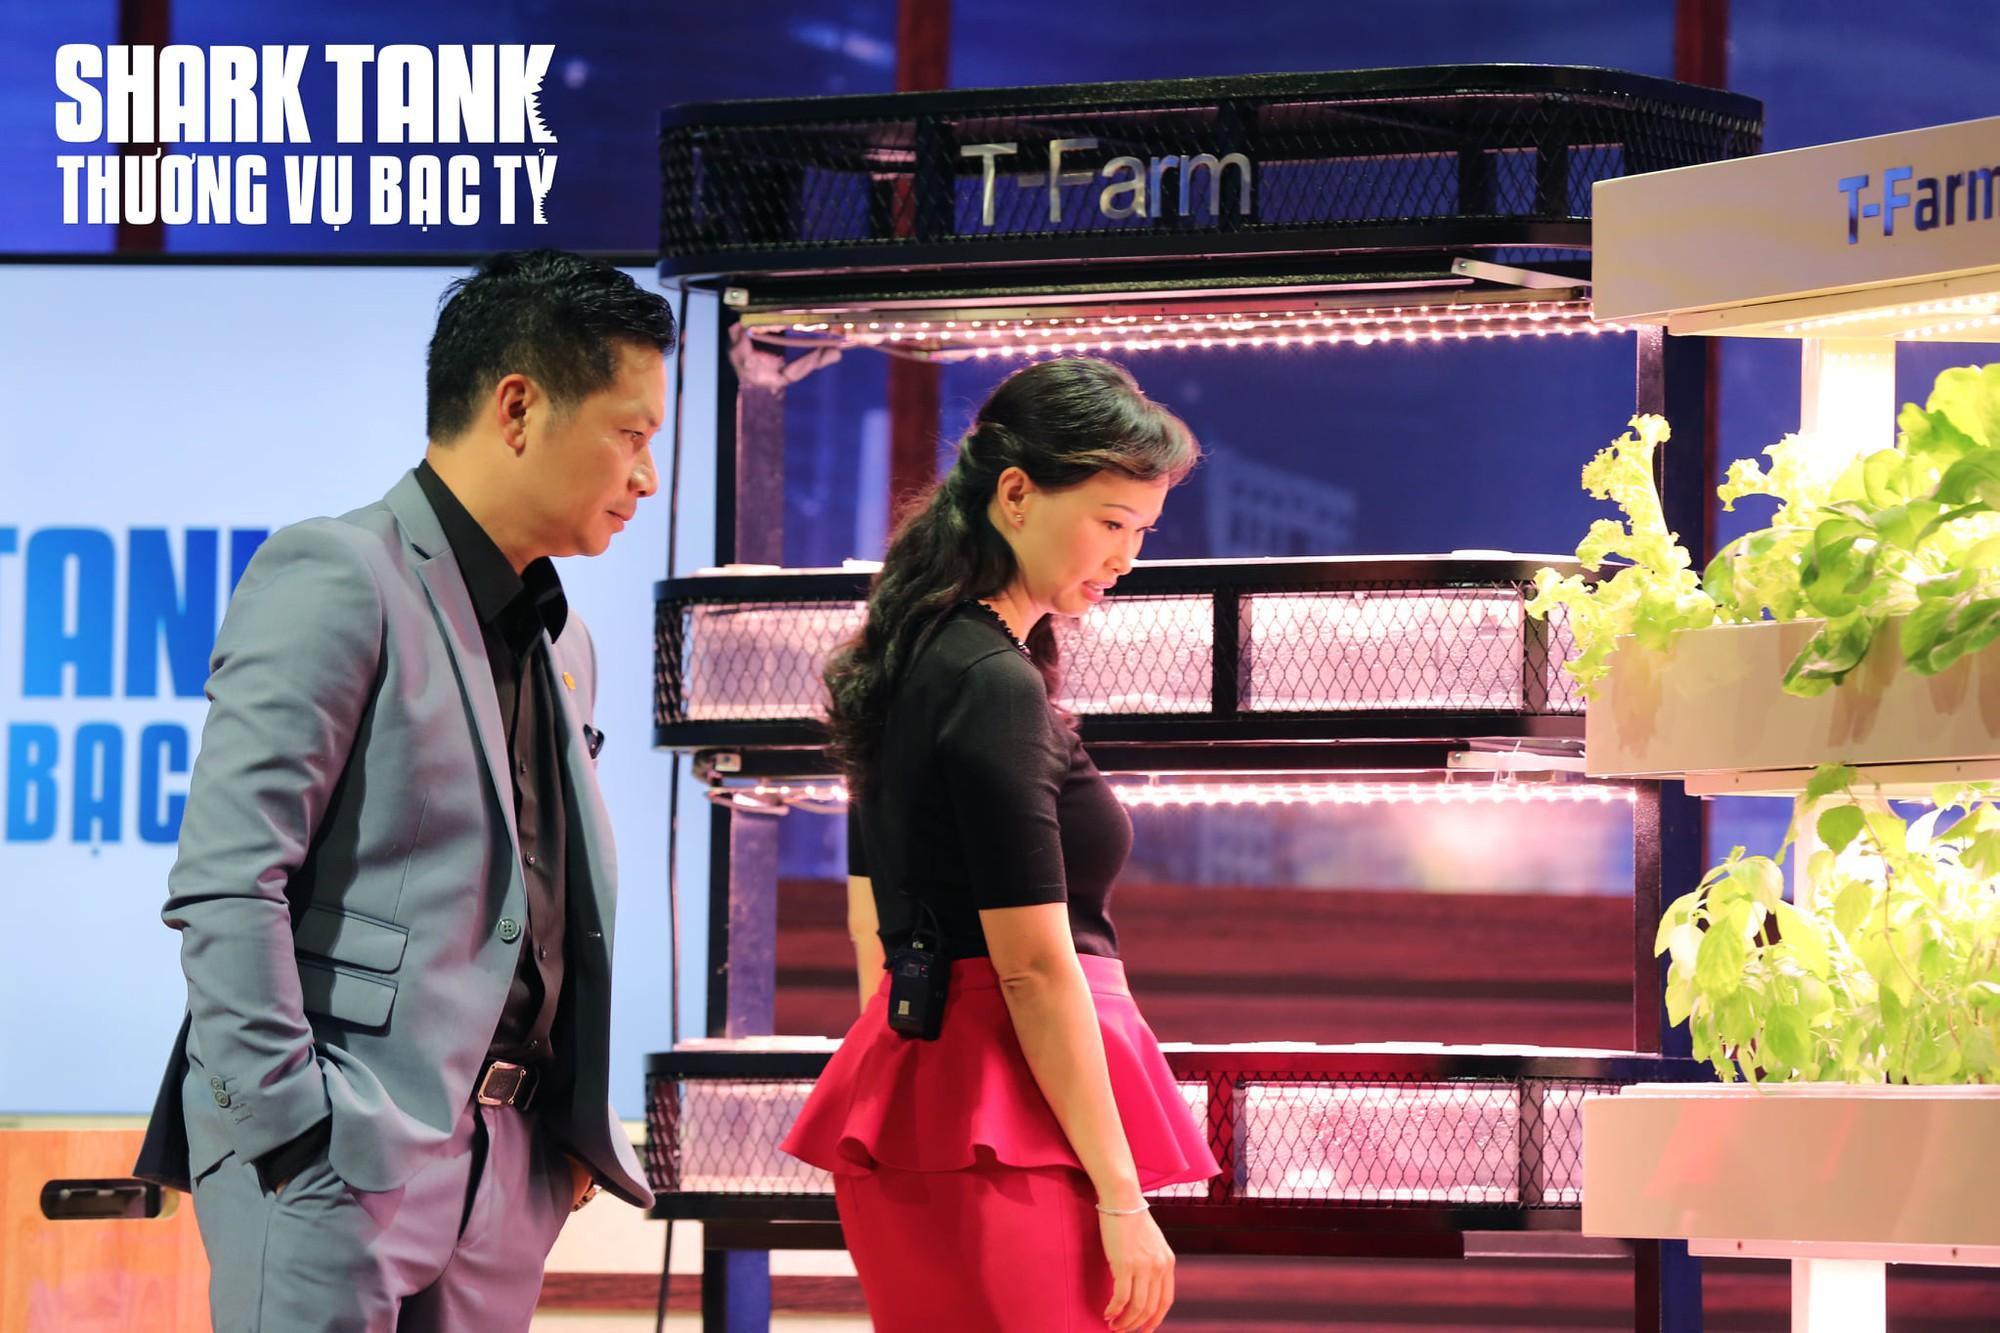 Shark Tank Việt Nam: 'Nếu có 1 tỉ, bạn sẽ khởi nghiệp gì?' và đây là những ý tưởng giật giải thưởng - Ảnh 2.